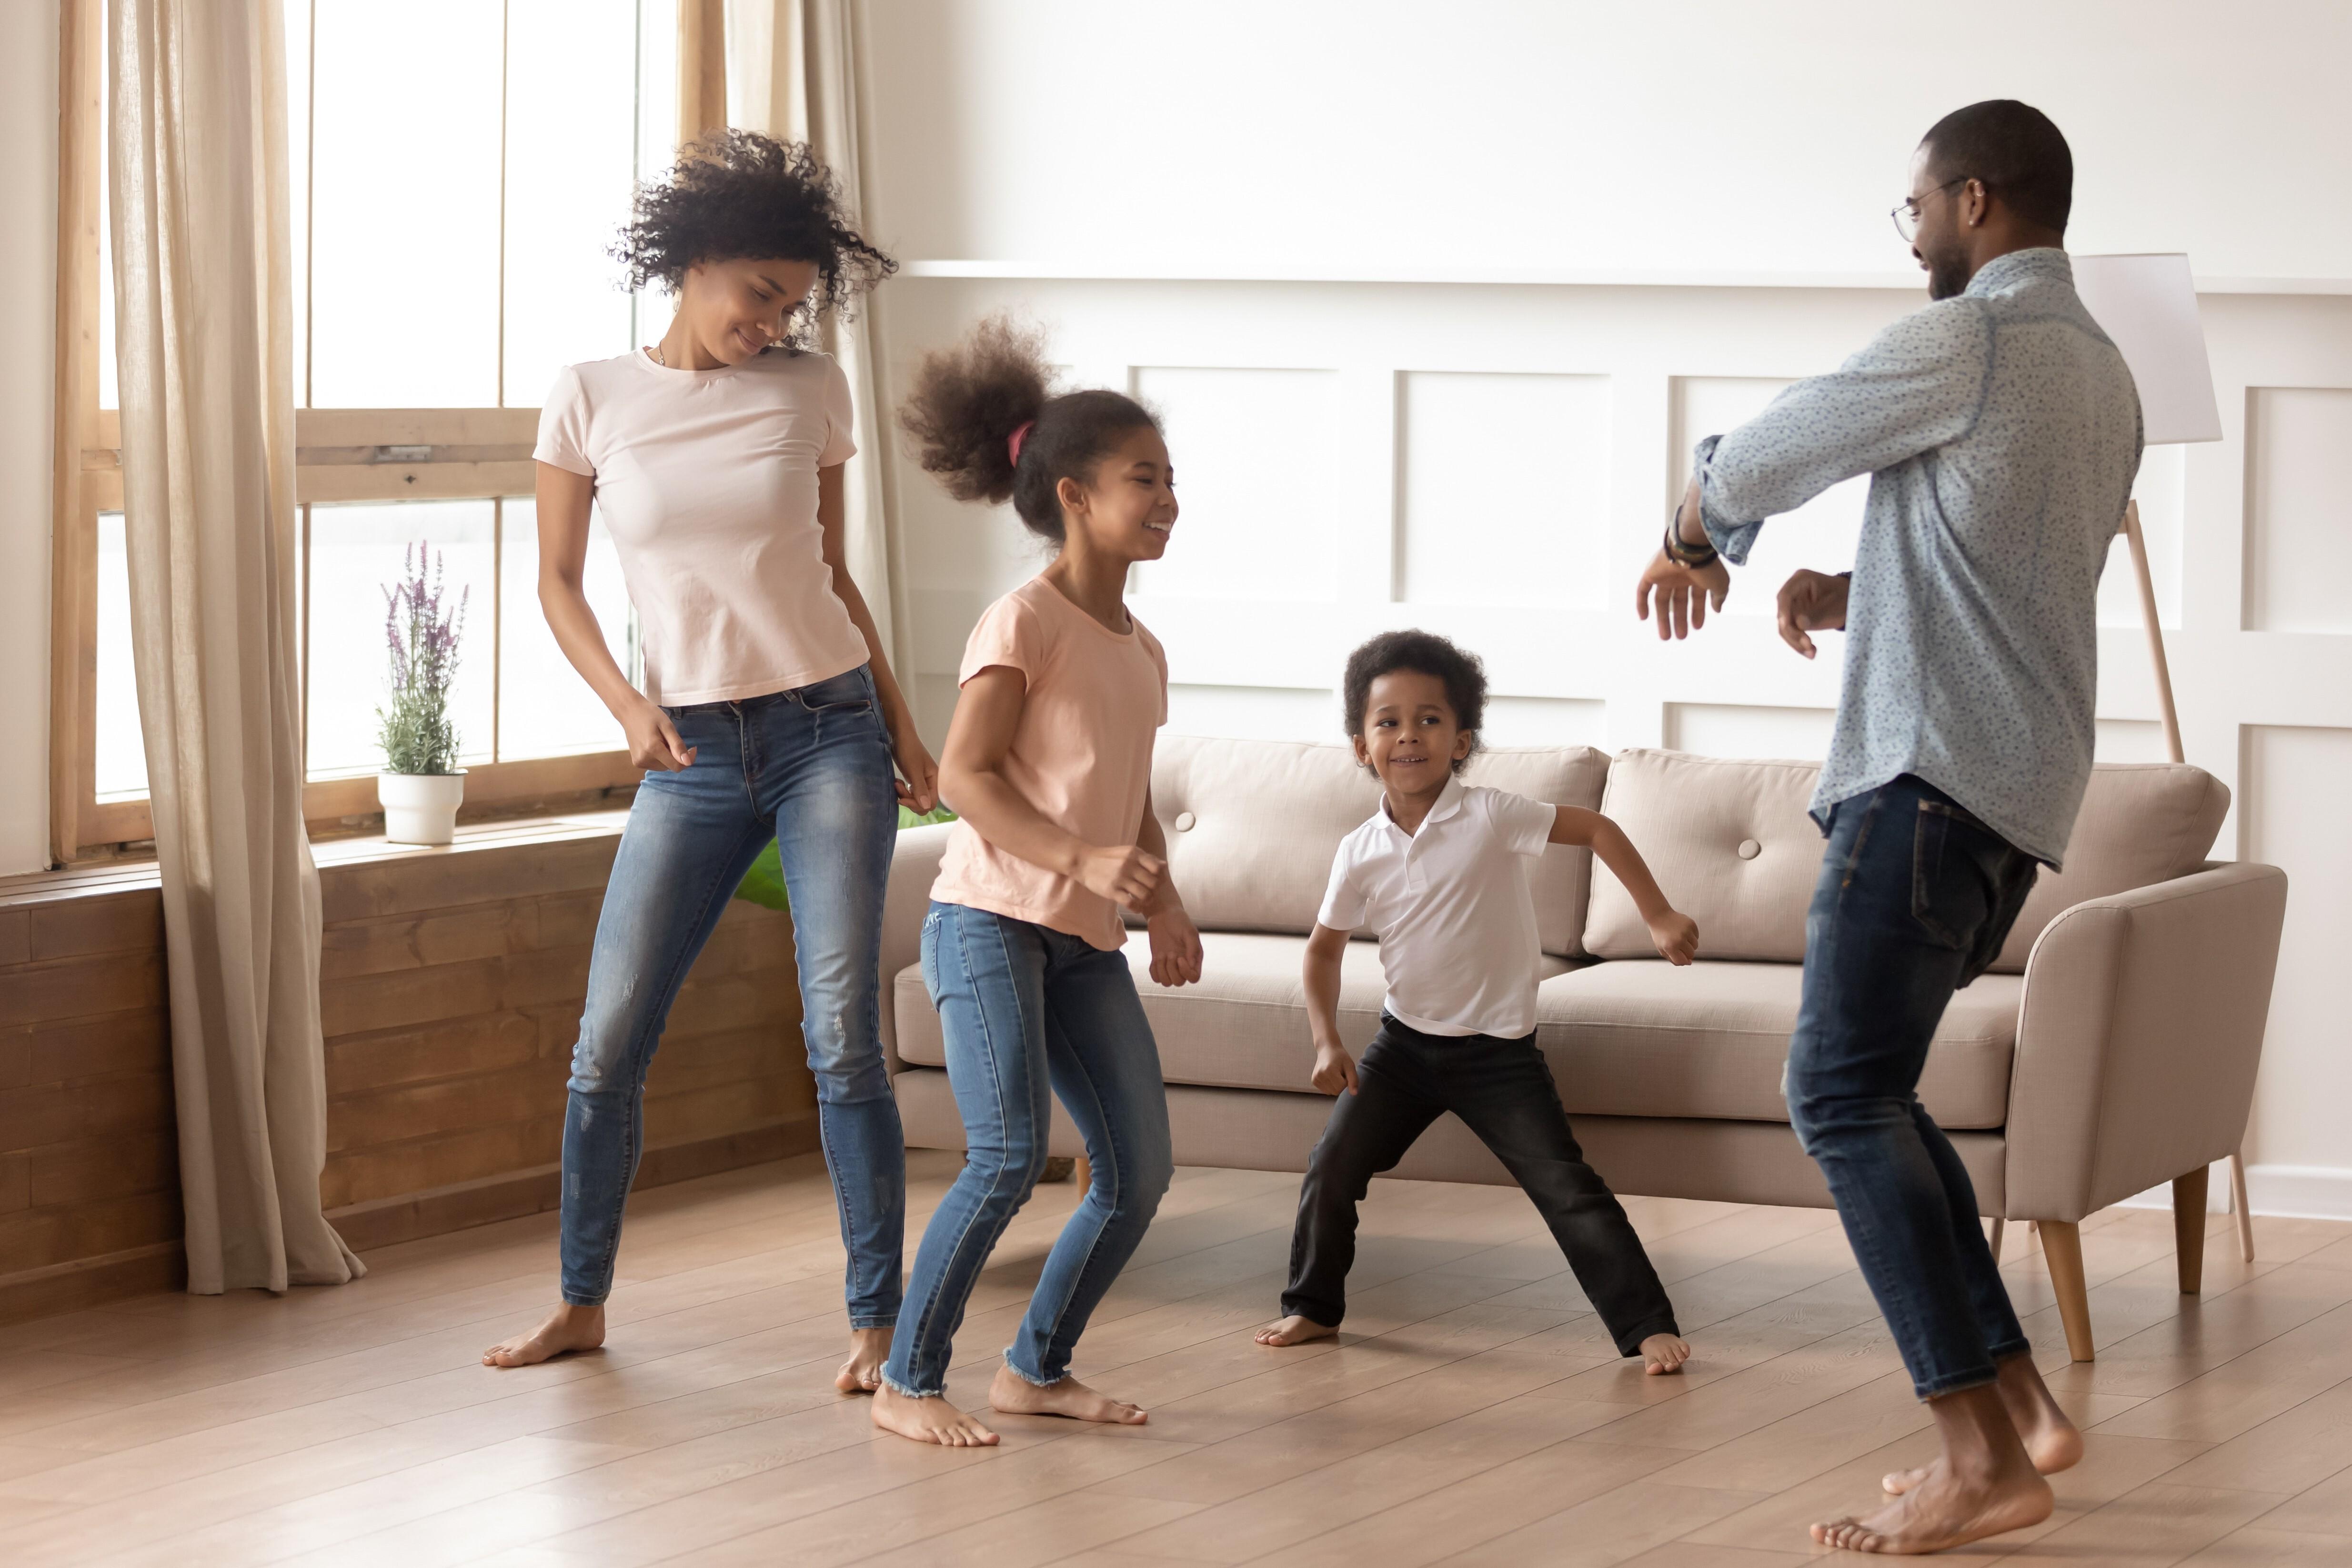 Dance away the coronavirus lockdown